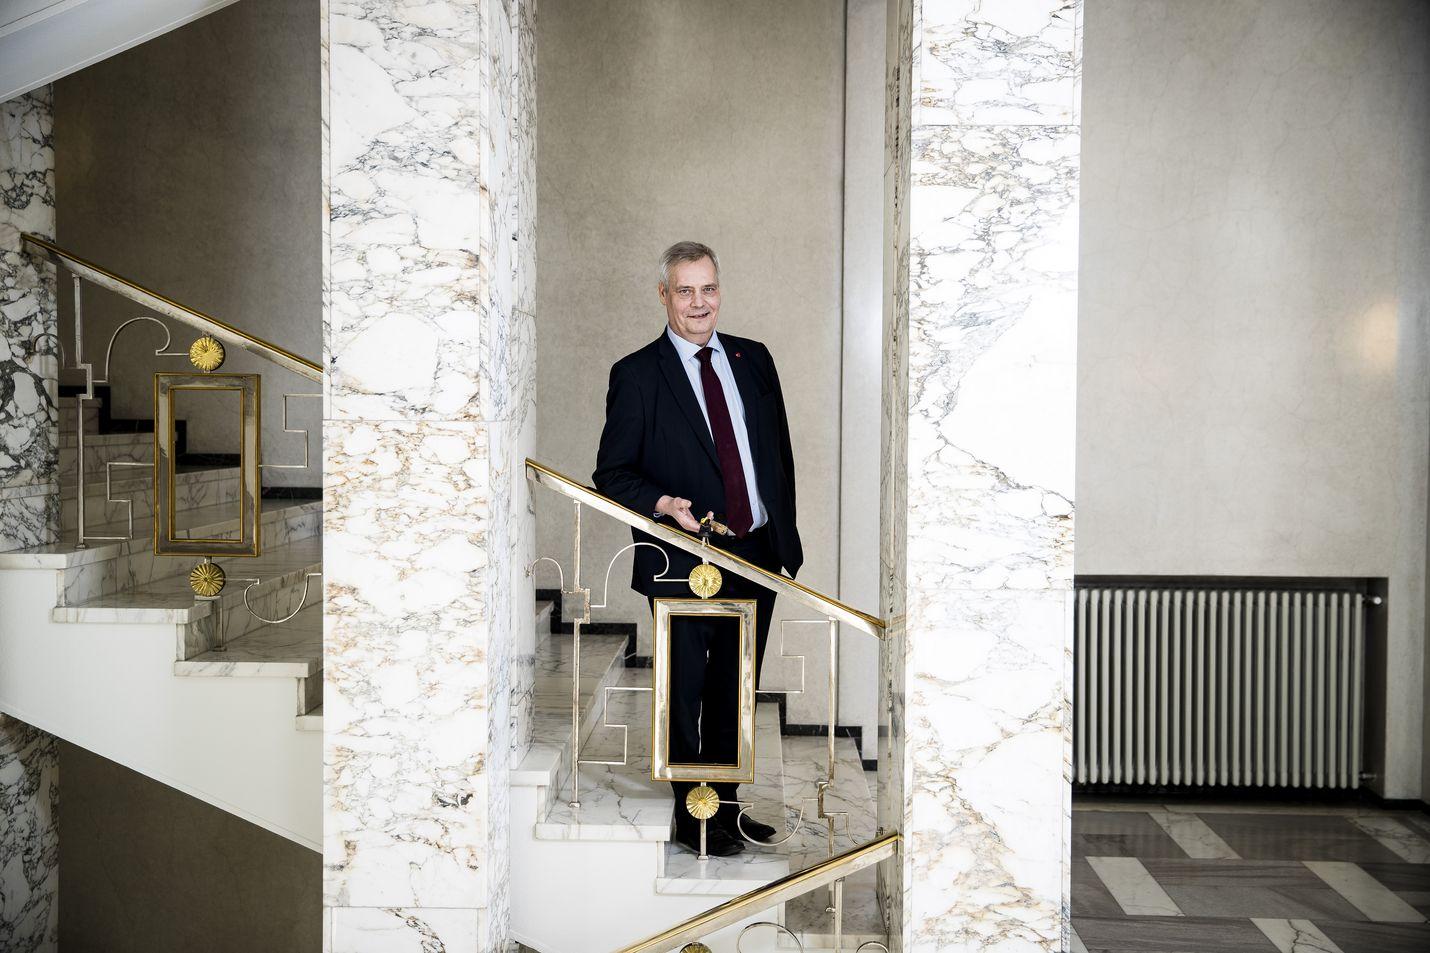 Antti Rinne haluaa pitää kiinni tulevaisuusinvestoinneista ja eriarvoistumiskehityksen kääntämisestä toiseen suuntaan.